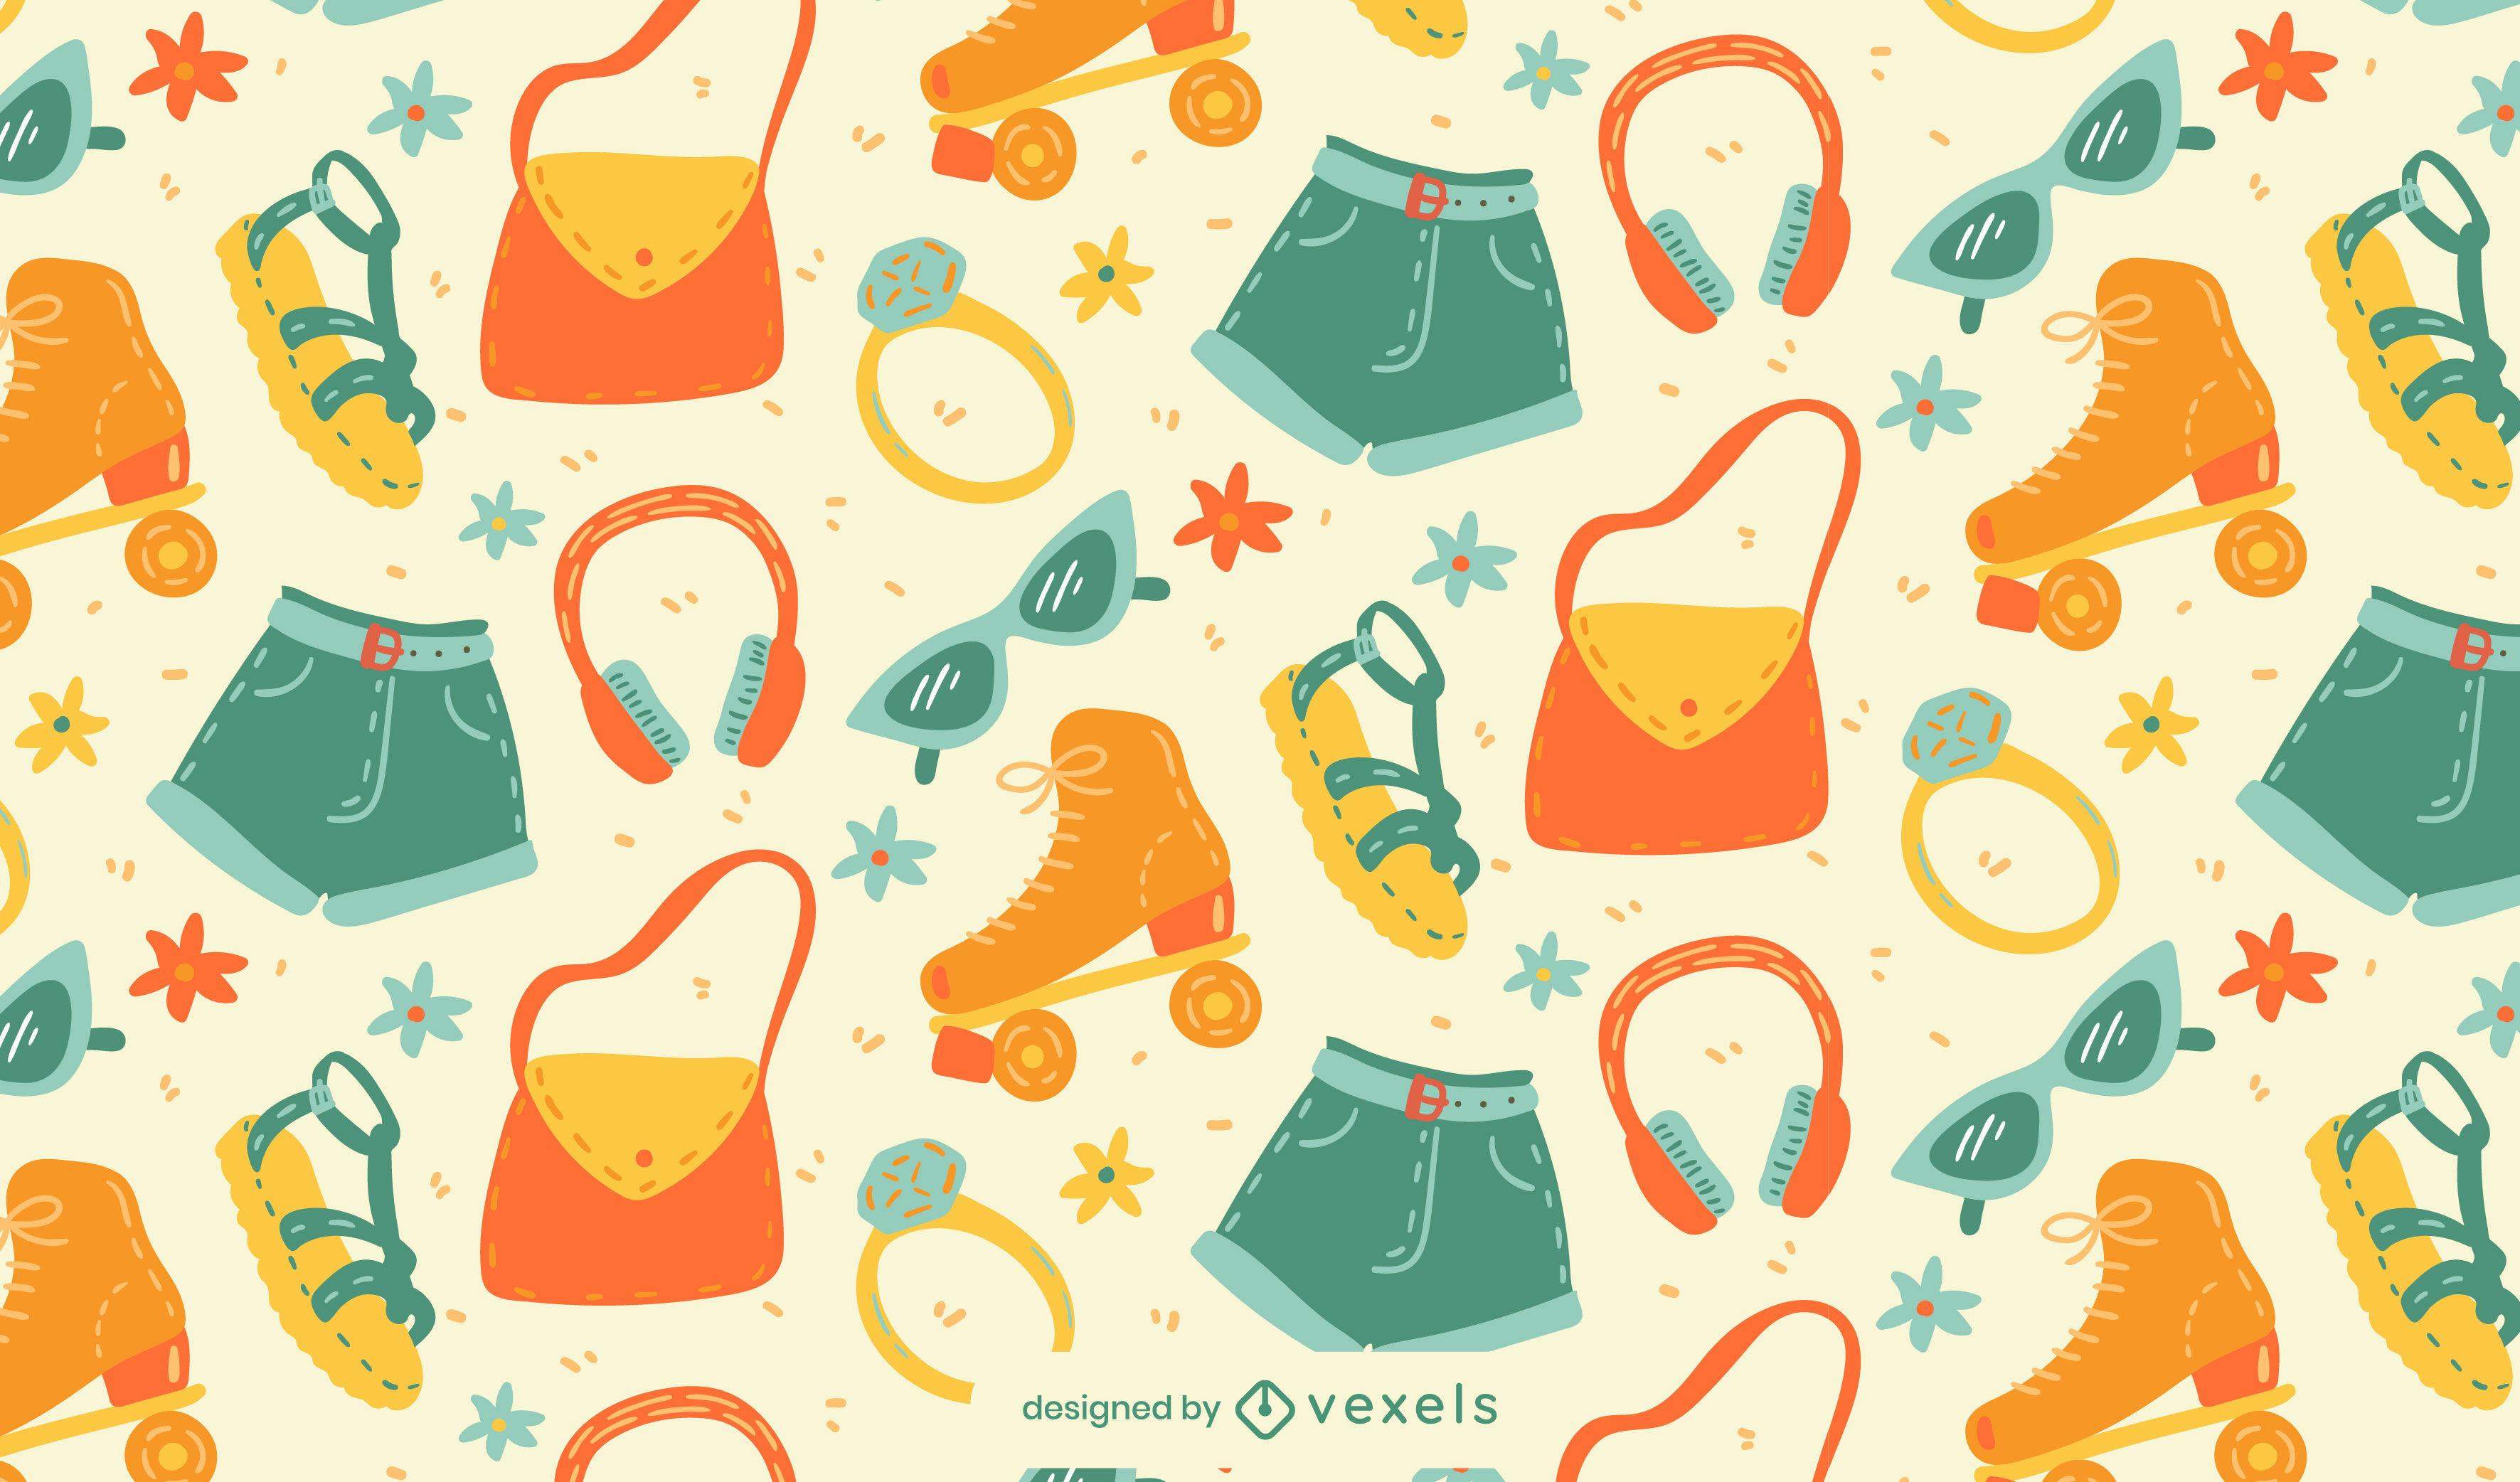 Diseño de patrón de elementos retro de verano divertido